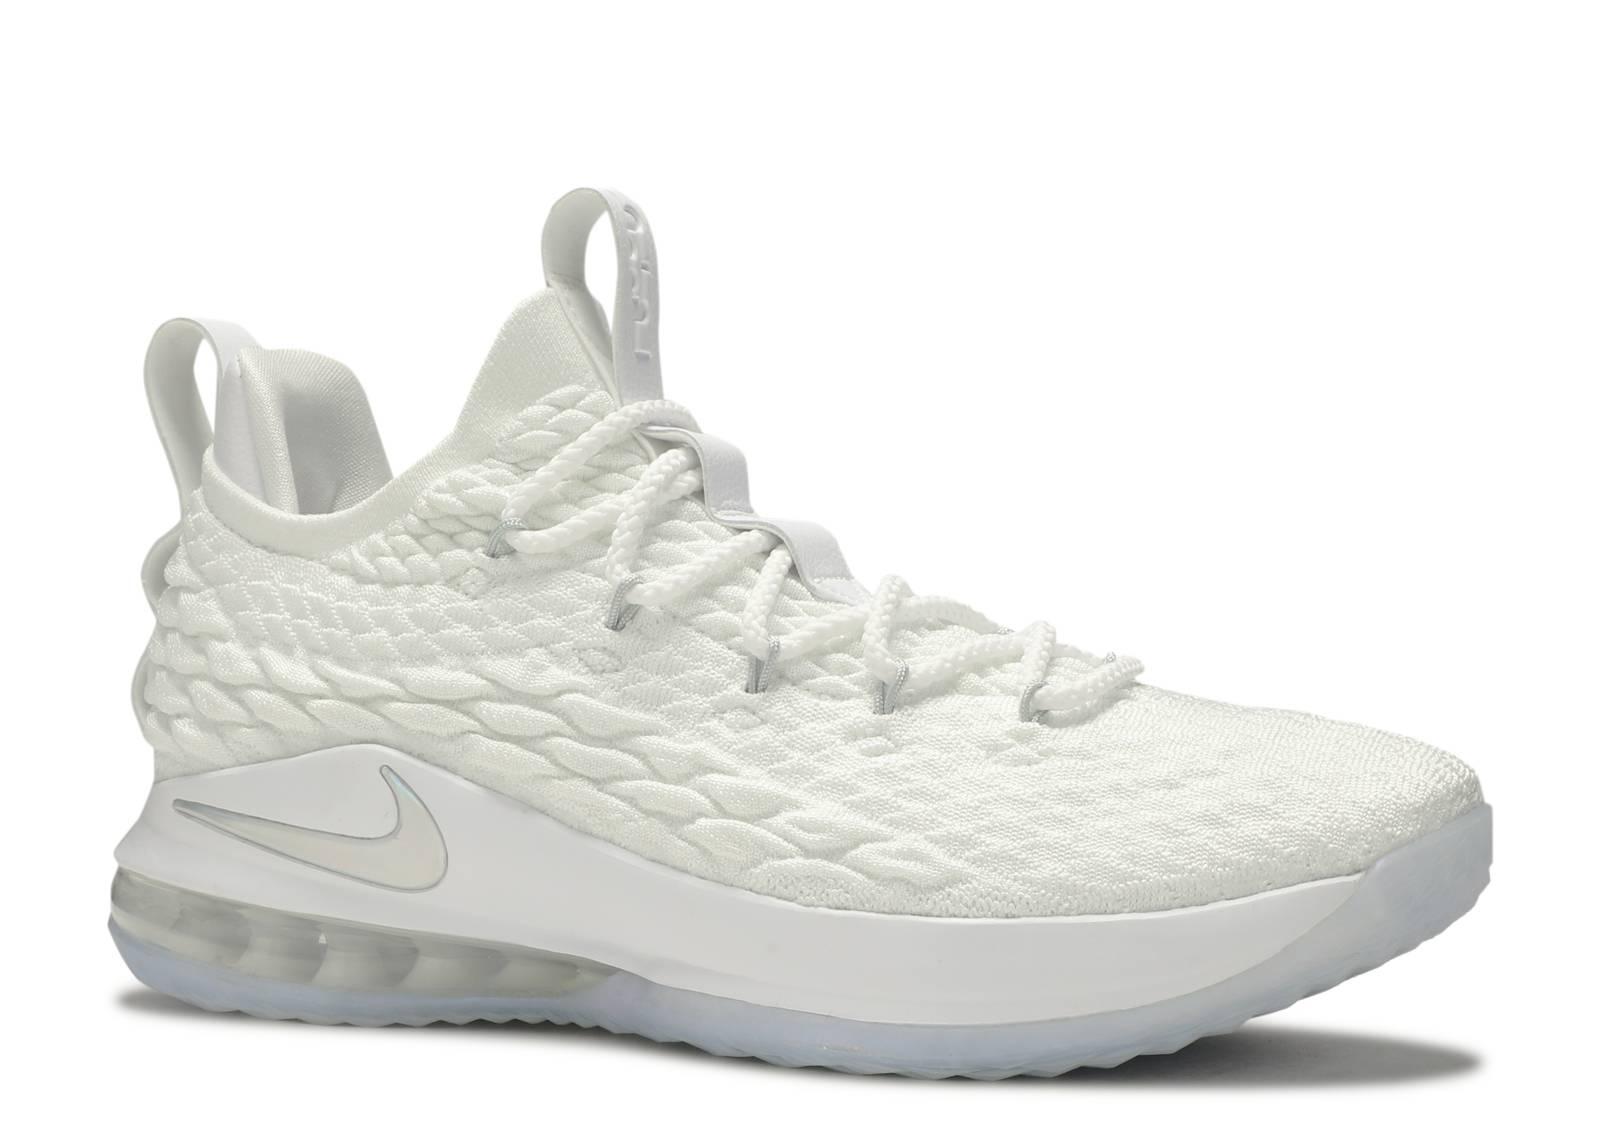 0ab23aefffa Nike LeBron 15 Low - Nike - AO1755 100 - white metallic silver ...